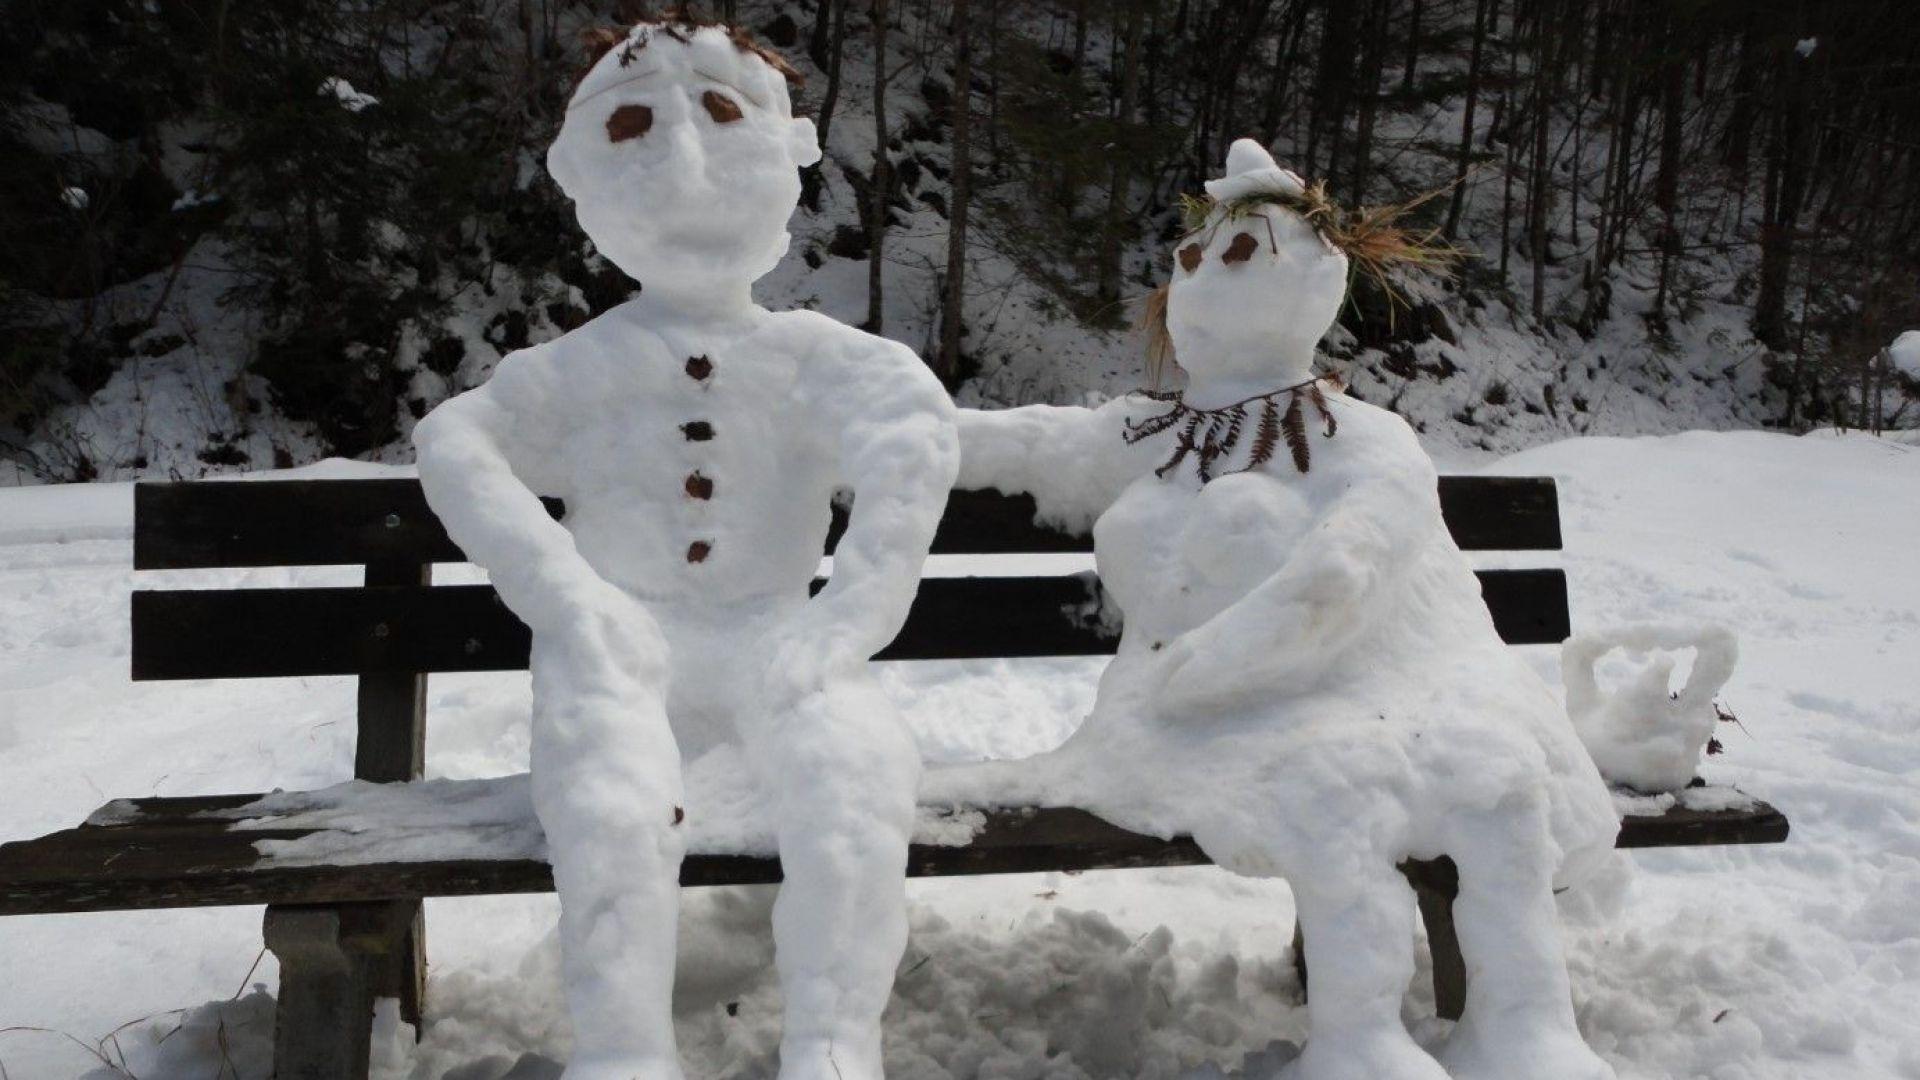 Колко е висок най-големият снежен човек?